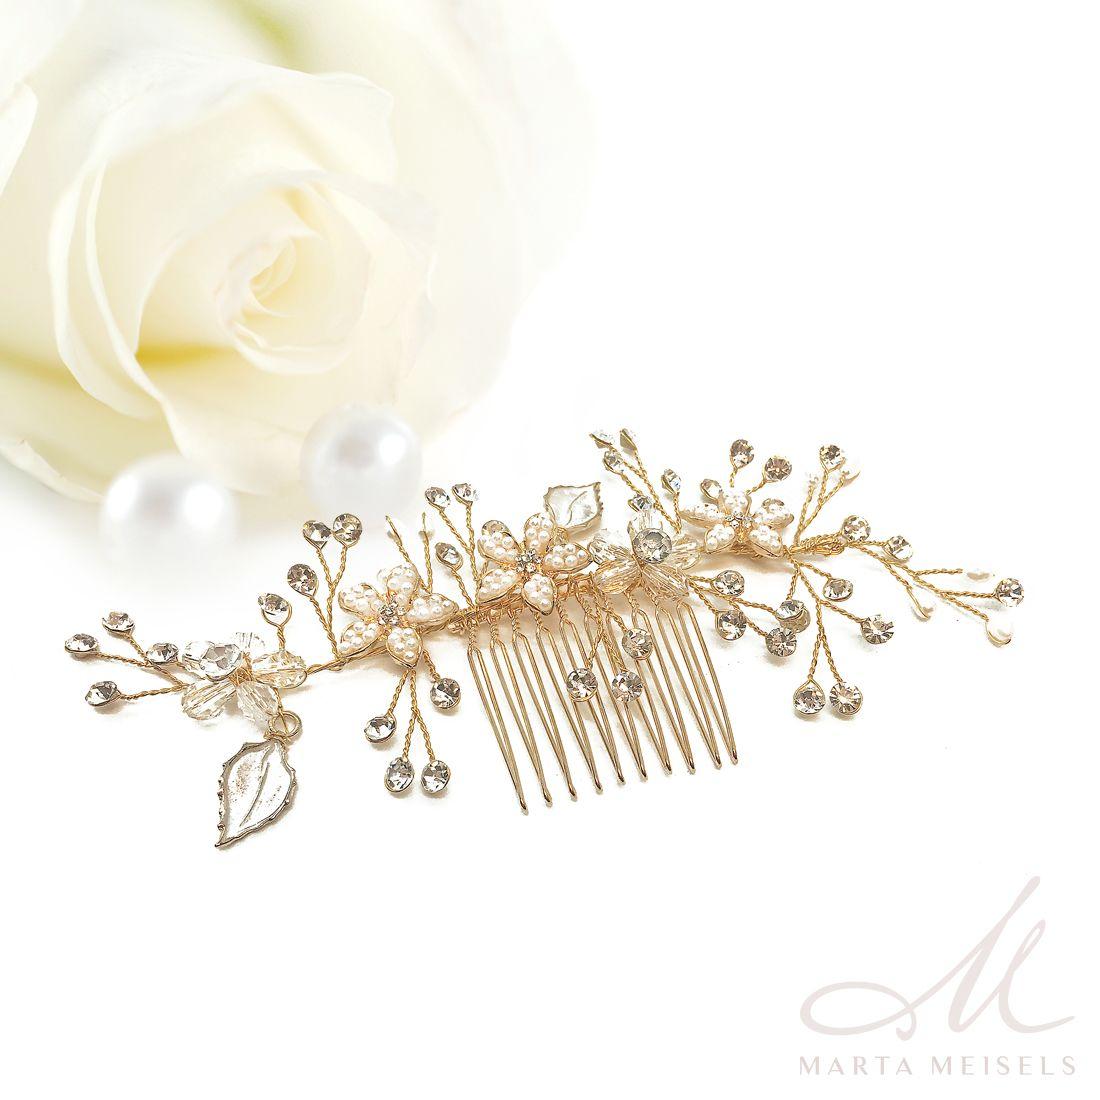 3d2b442a54 Romantikus stílusú, nagyon szép menyasszonyi hajfésű gyöngyökkel és  kristályokkal díszítve. Könnyen esküvői frizurádhoz igazíthatod